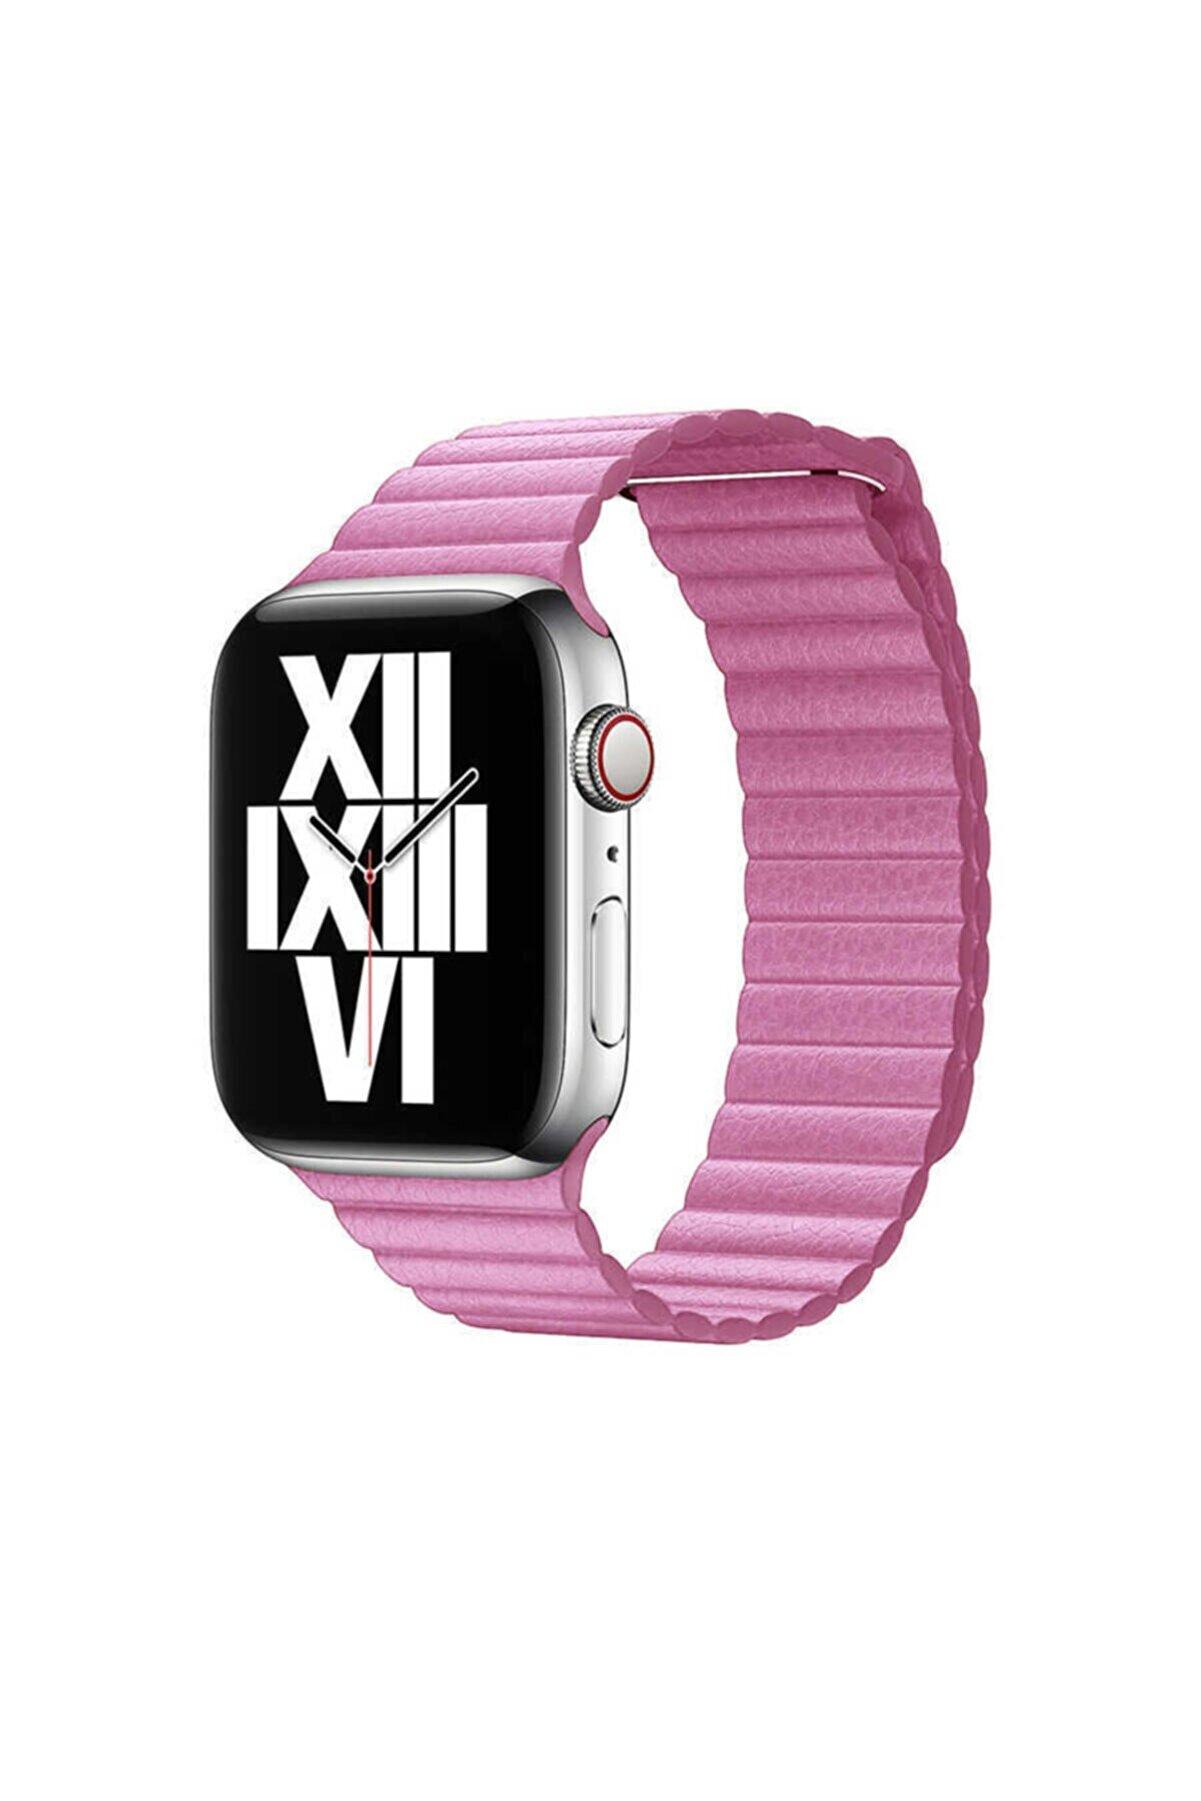 Apple Watch Se Kordon Deri Lop Mıknatıslı Suya Ve Darbelere Dayanıklı 42mm Krd-09